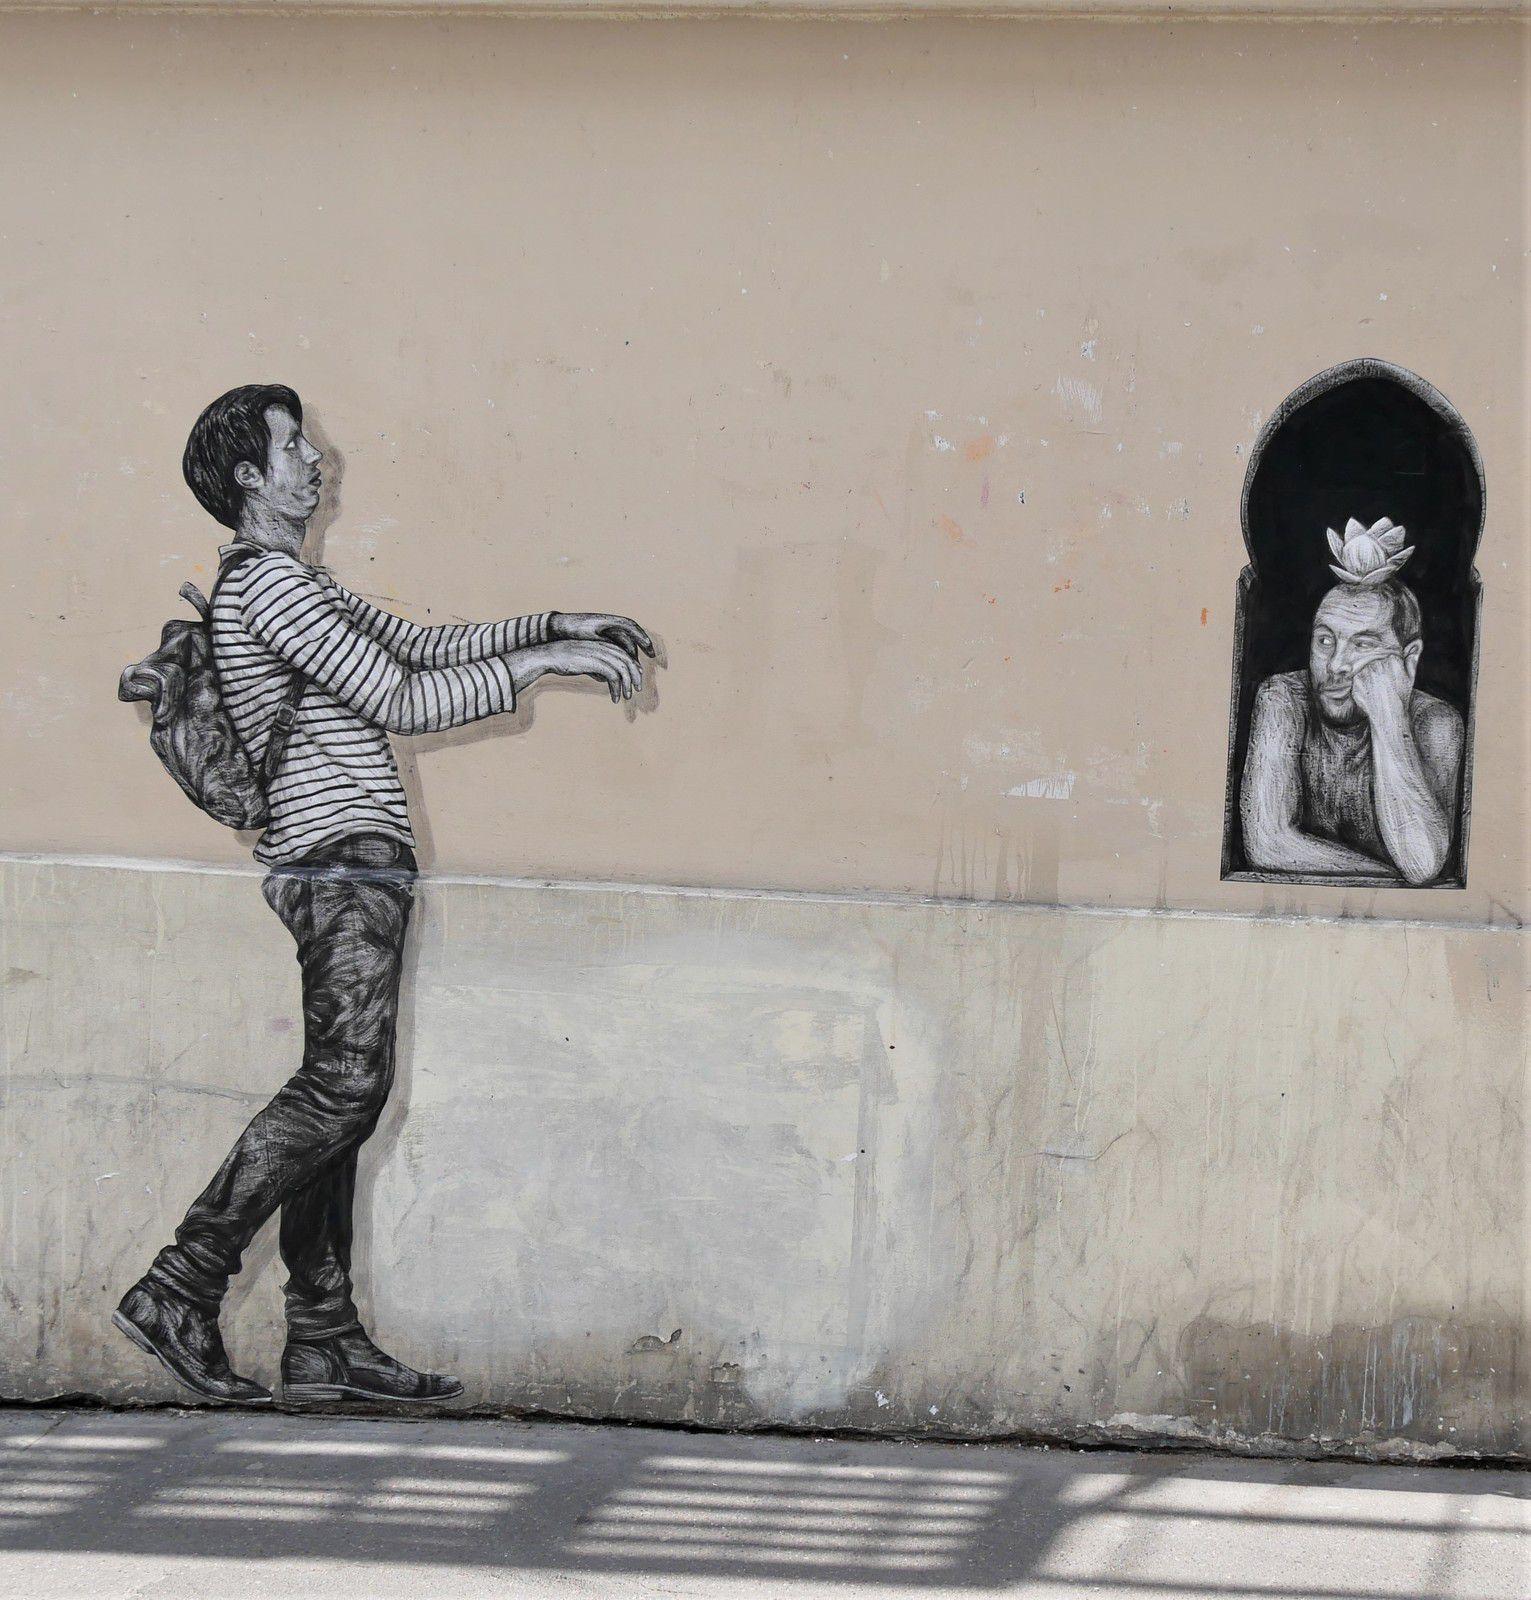 Levalet. Amour aveugle. 26 juin rue d'Orsel (mur du théâtre de l'Atelier)